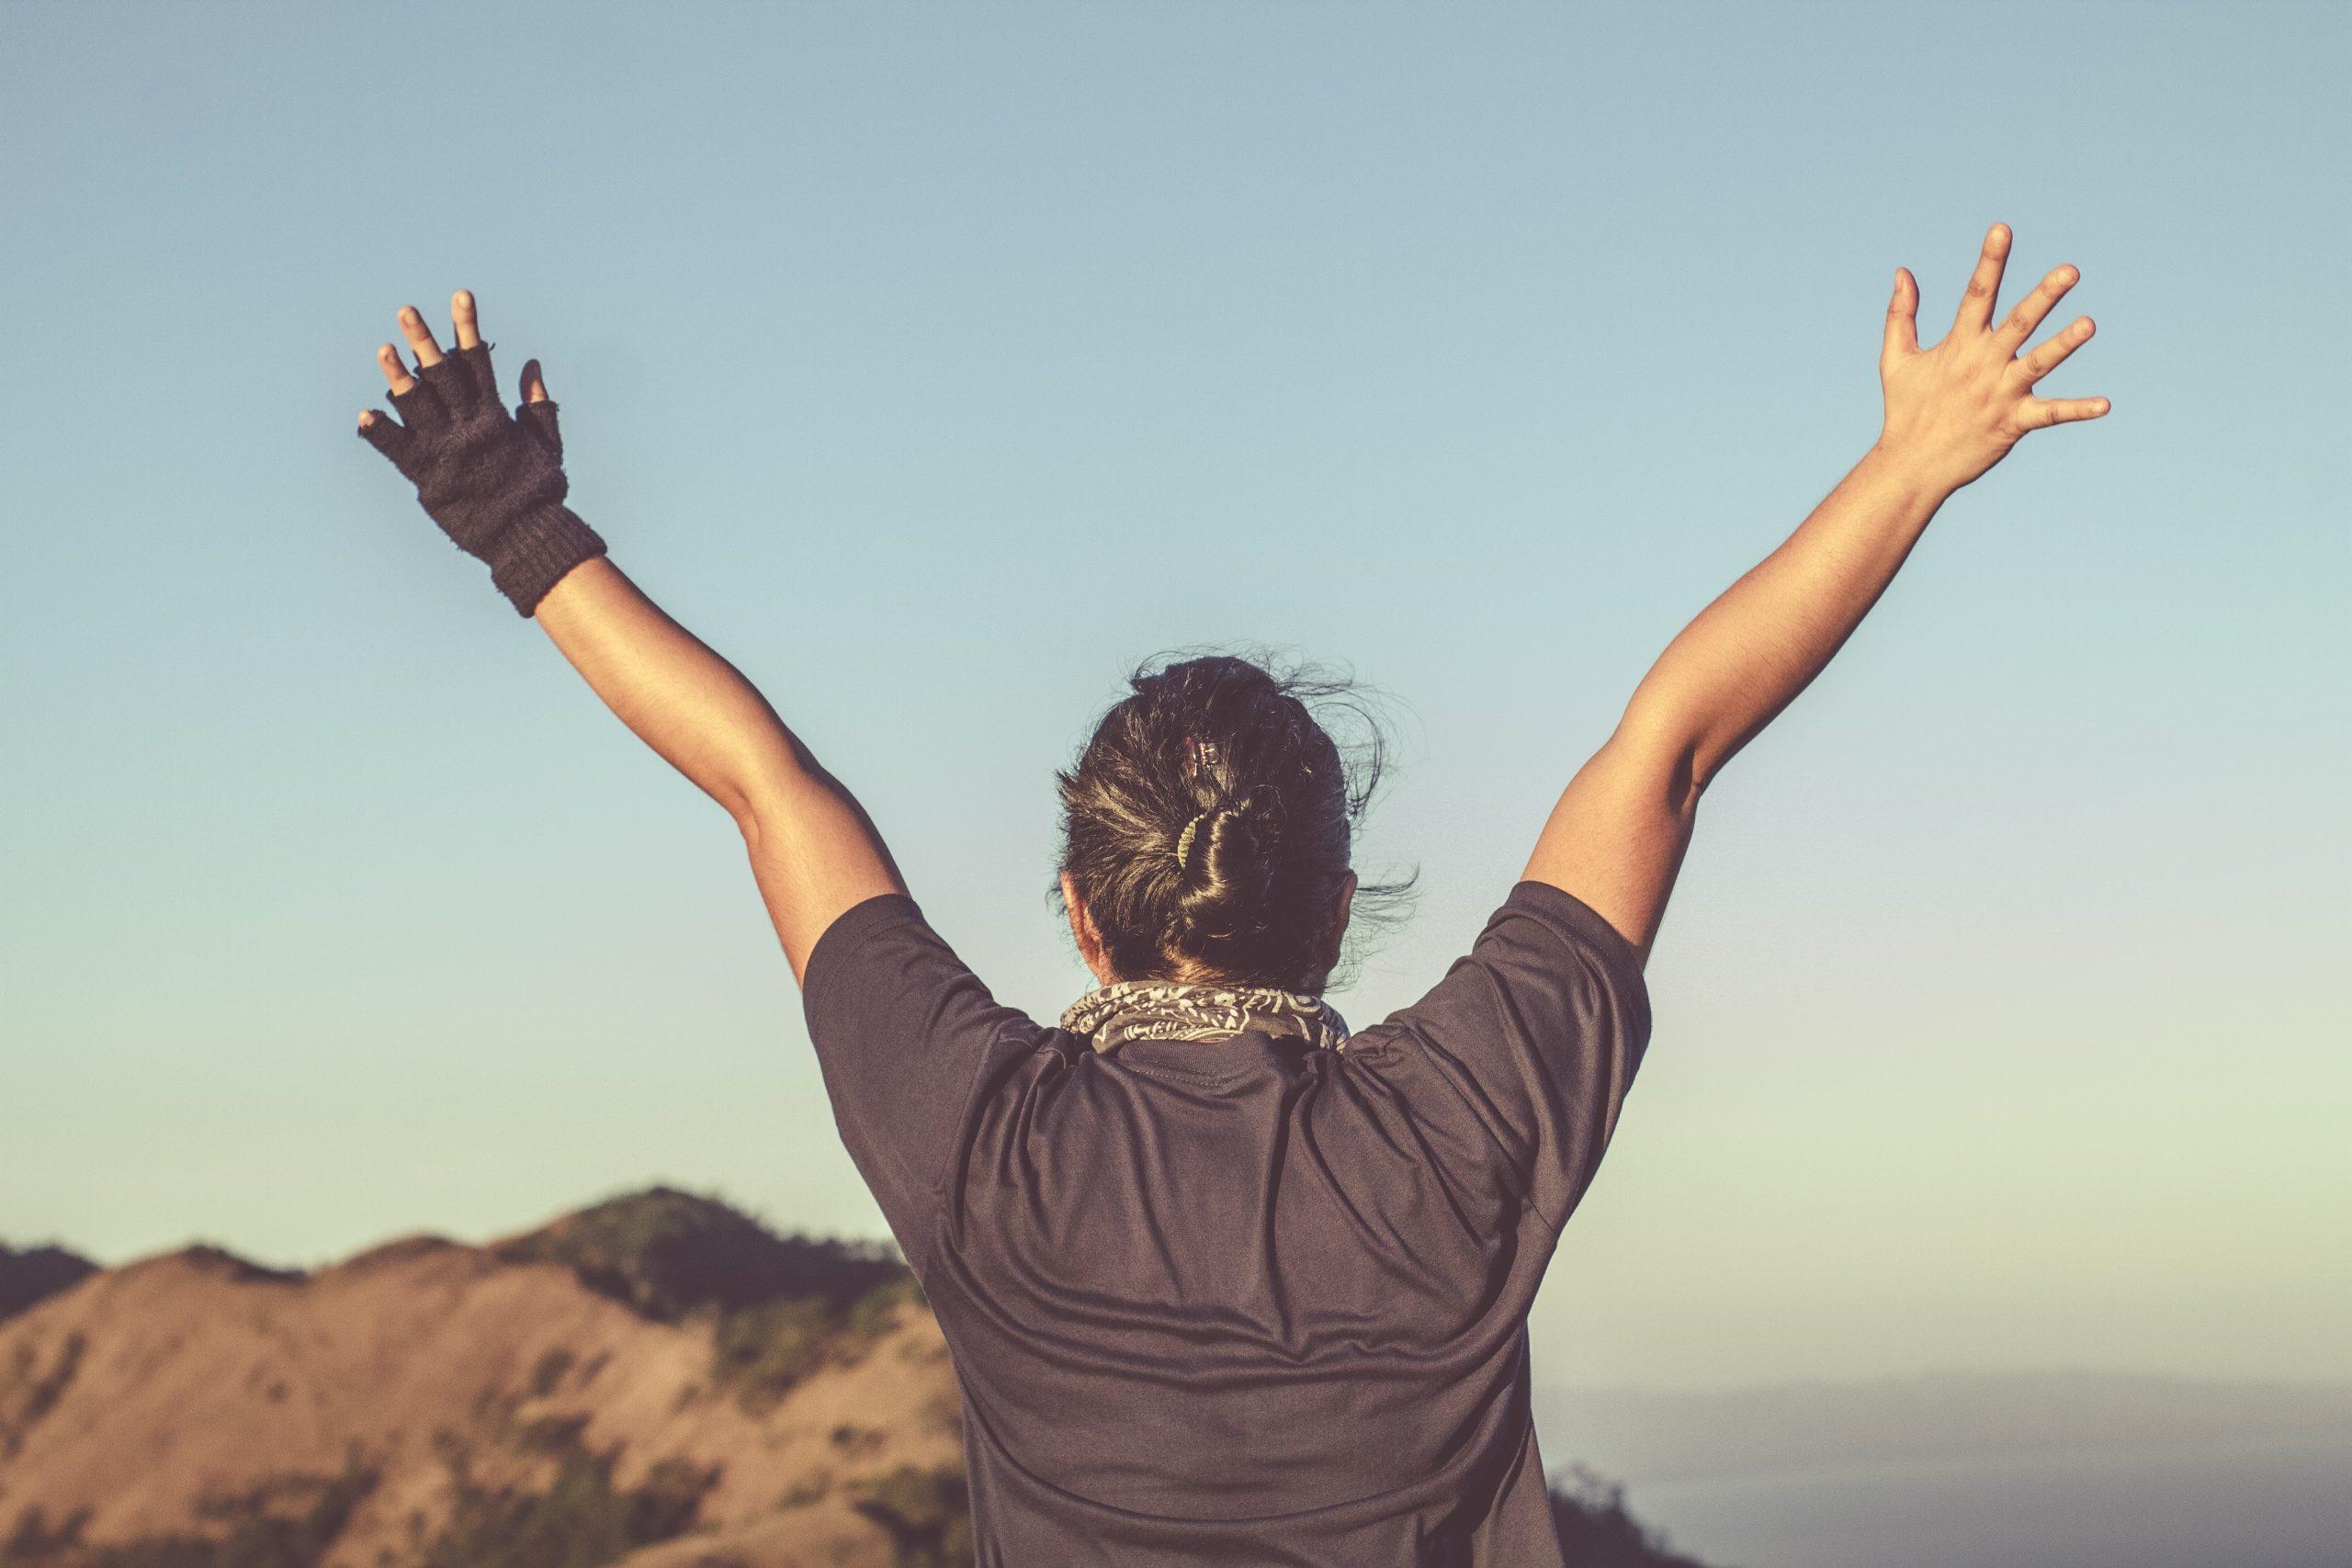 Сакате подобро ментално здравје и успех во работата? Поставете си јасна цел